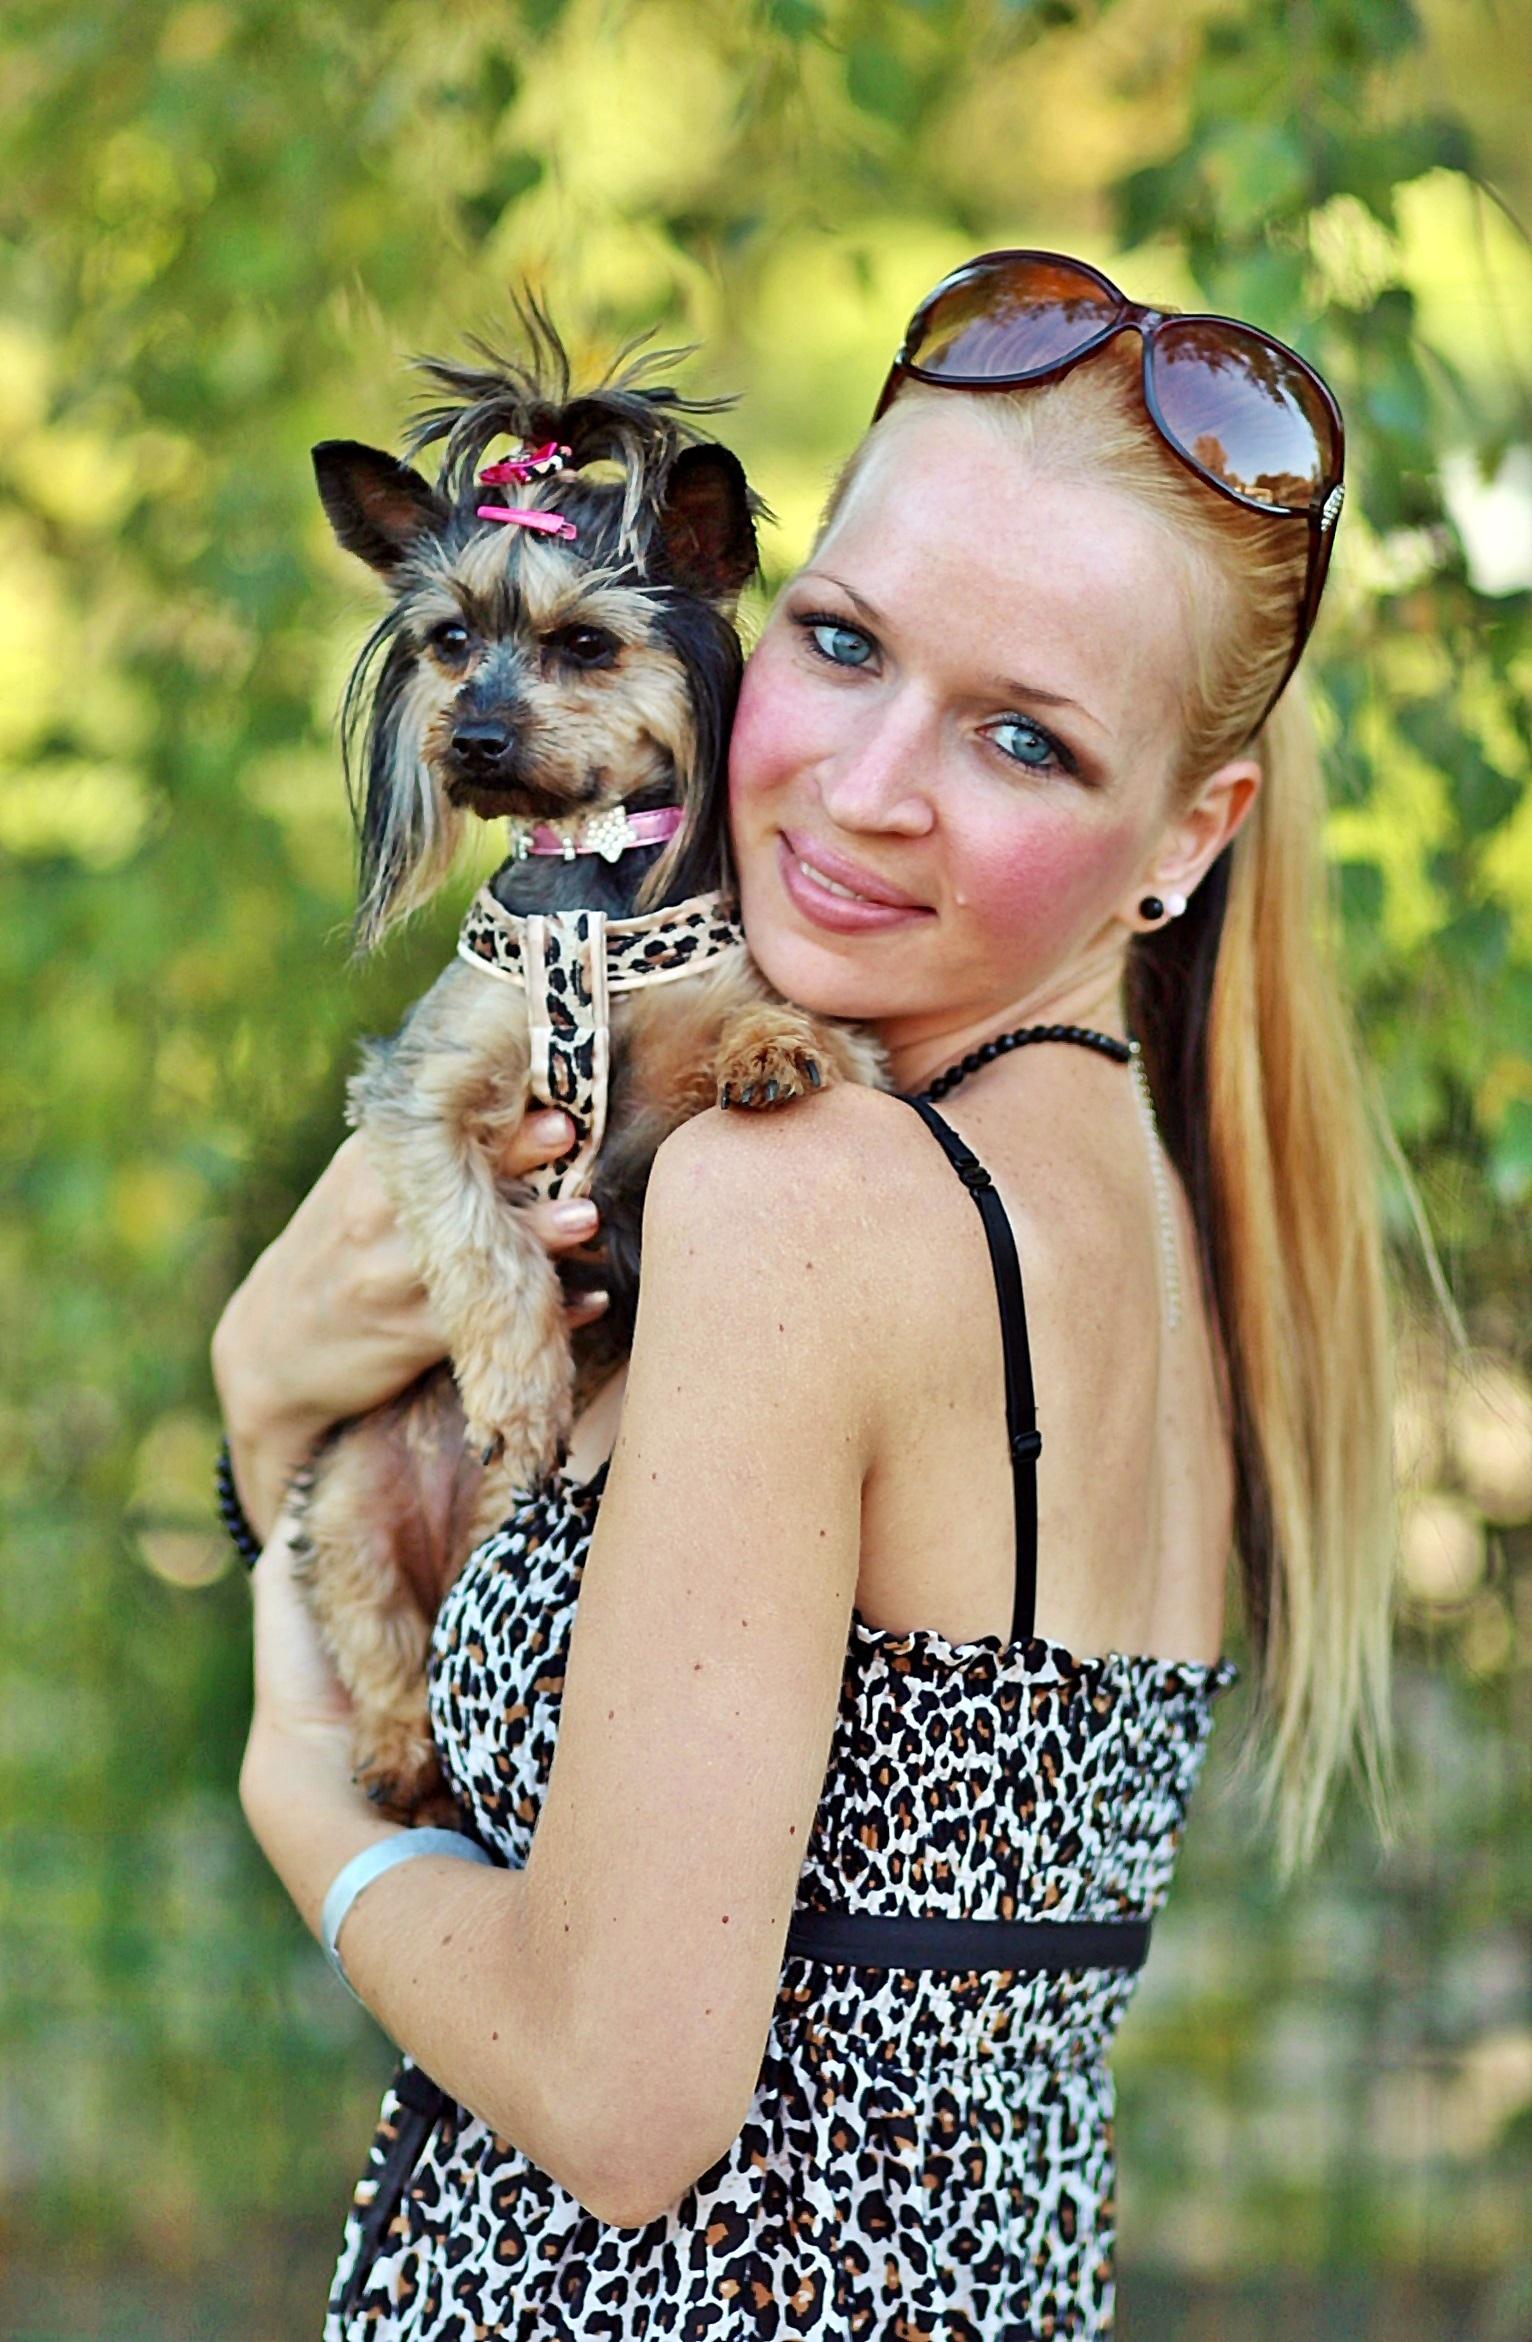 Free images people dog love spring dress glasses - Femme blonde photo ...